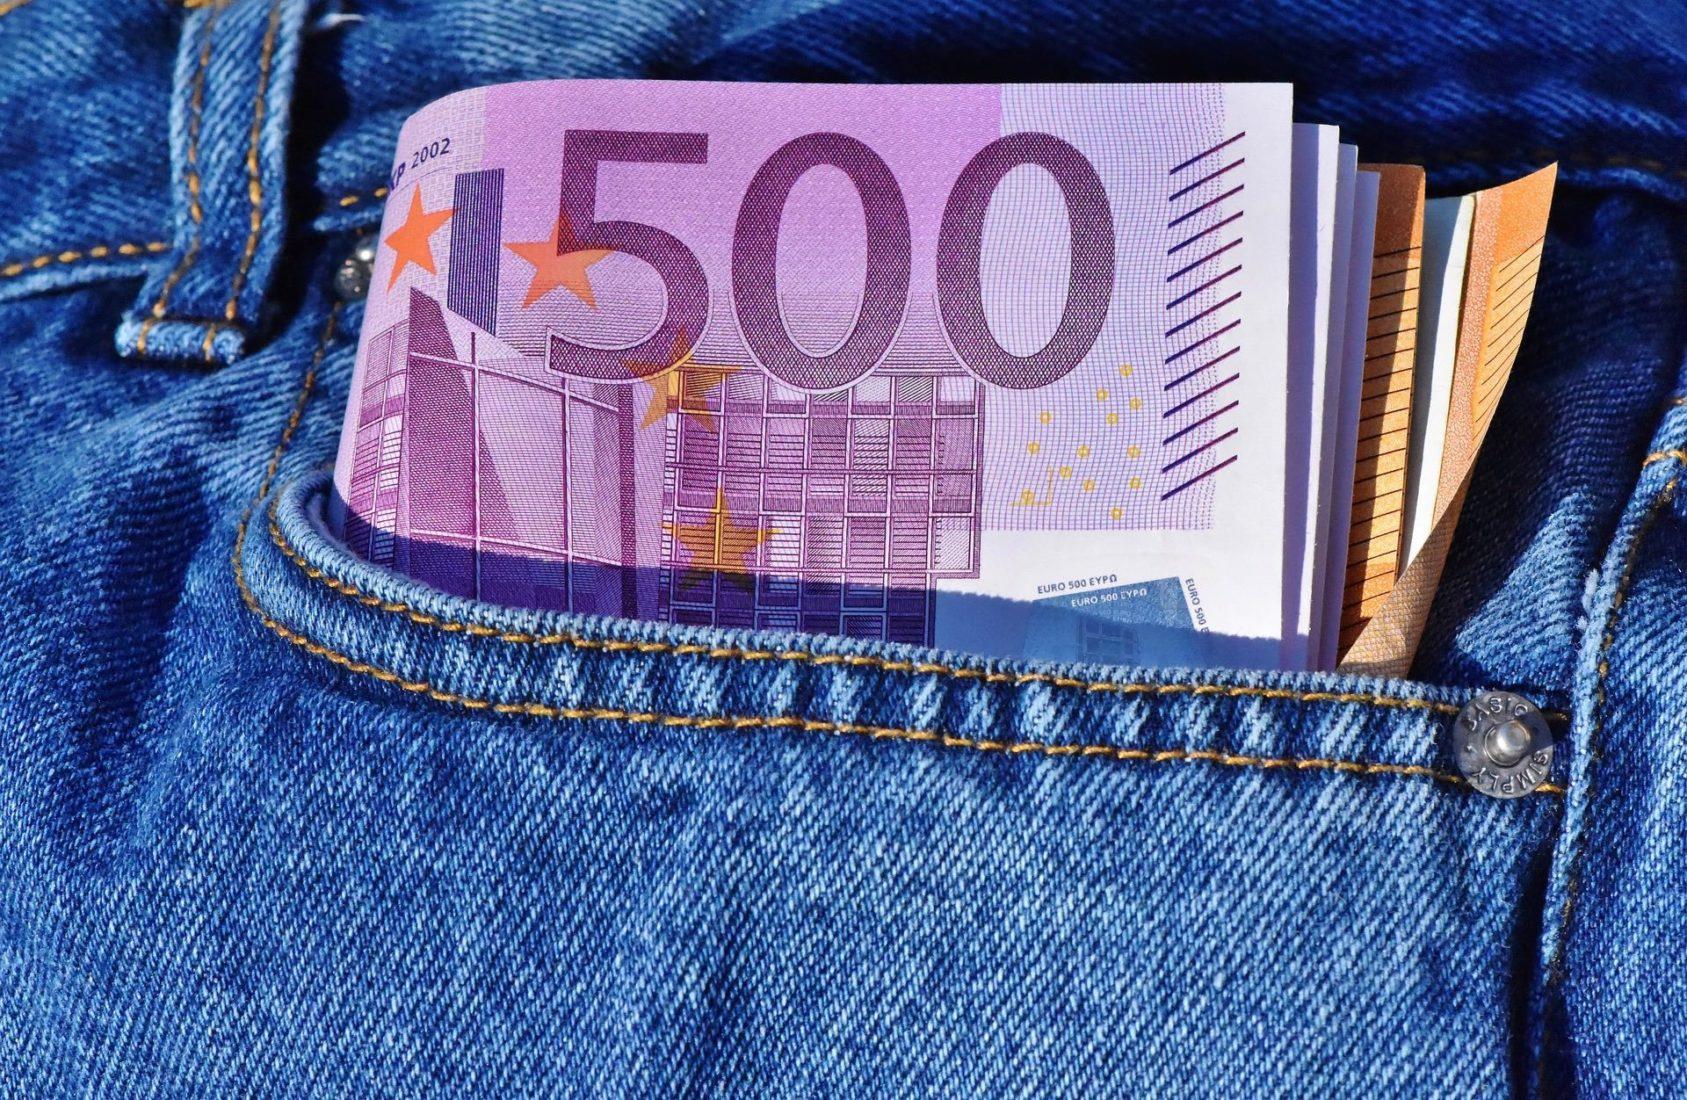 Die neue Mindestvergütung liegt bei rund 500 Euro. Foto: Pixabay